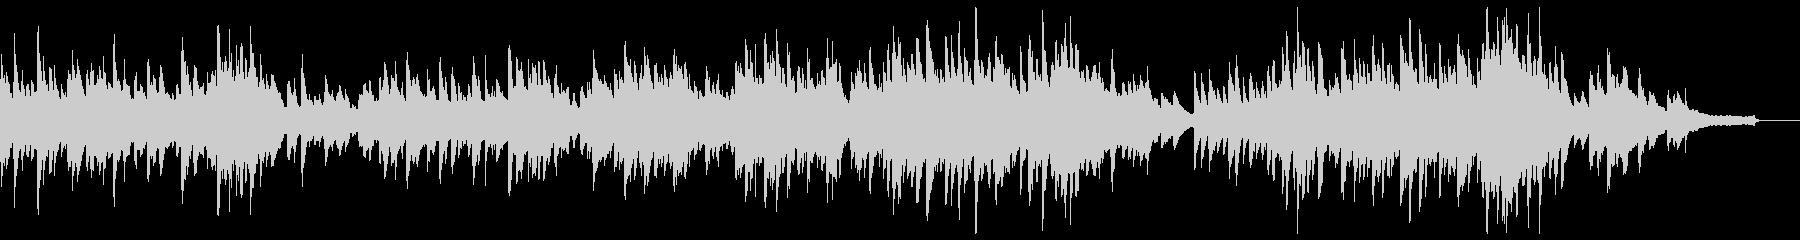 ブラームス間奏曲イ長調(ピアノソロ)の未再生の波形